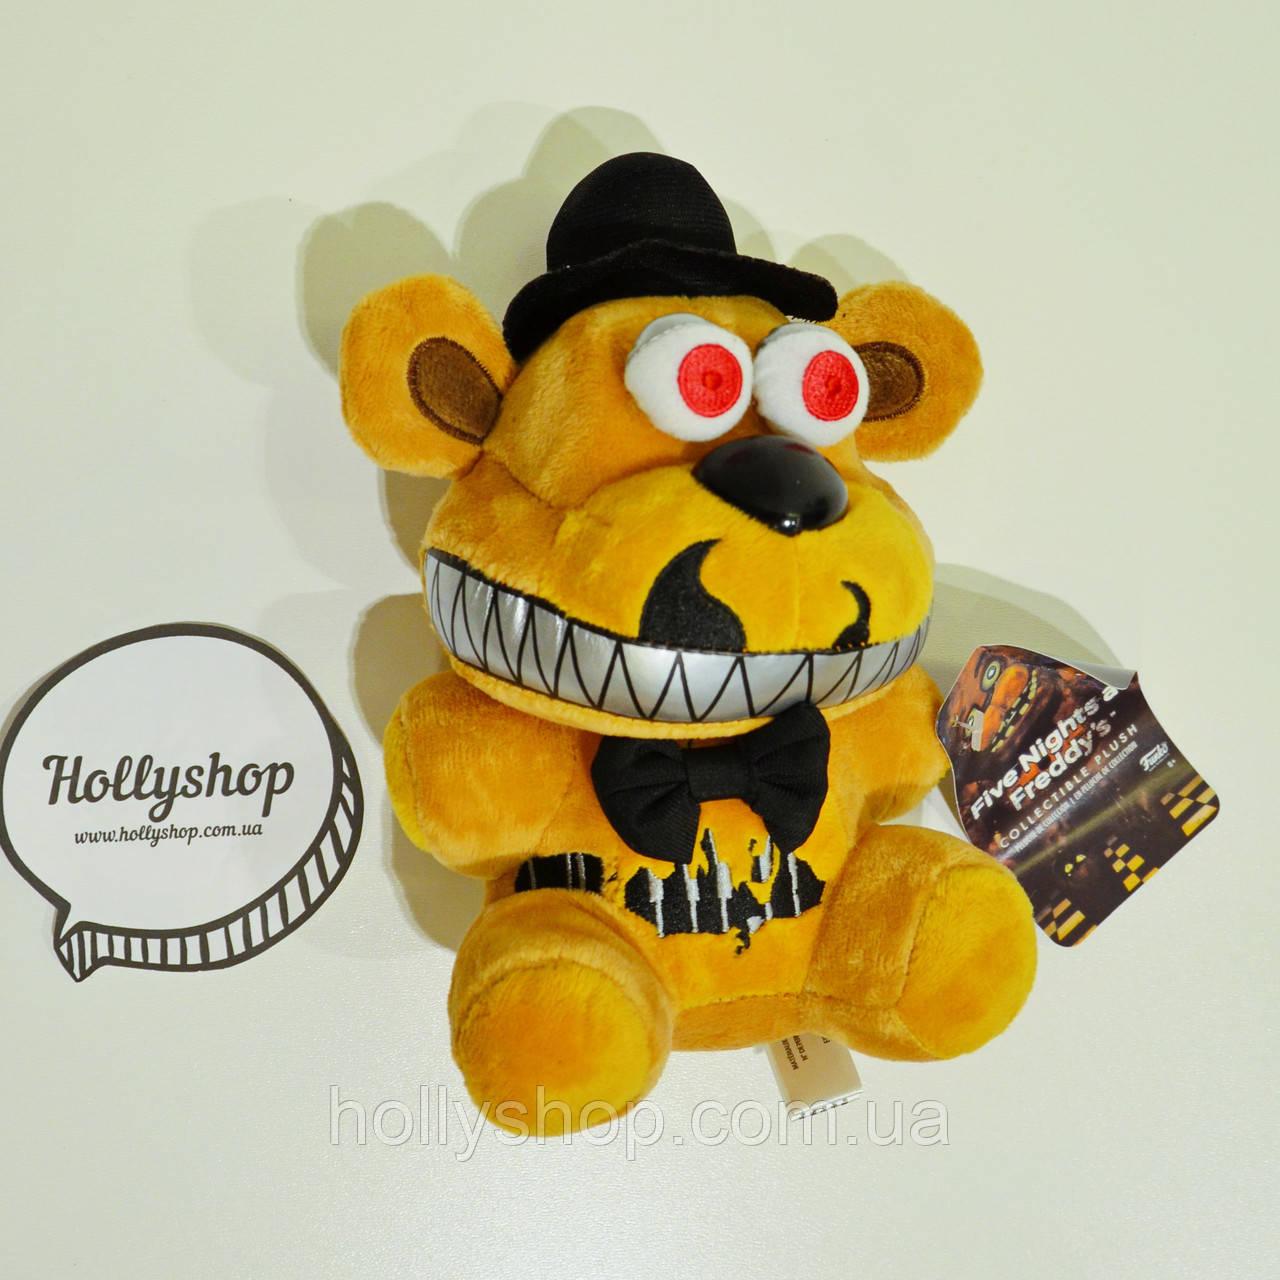 Мягкая игрушка Пять ночей с Фредди аниматроник Фредди Фазбер Freddy  18см